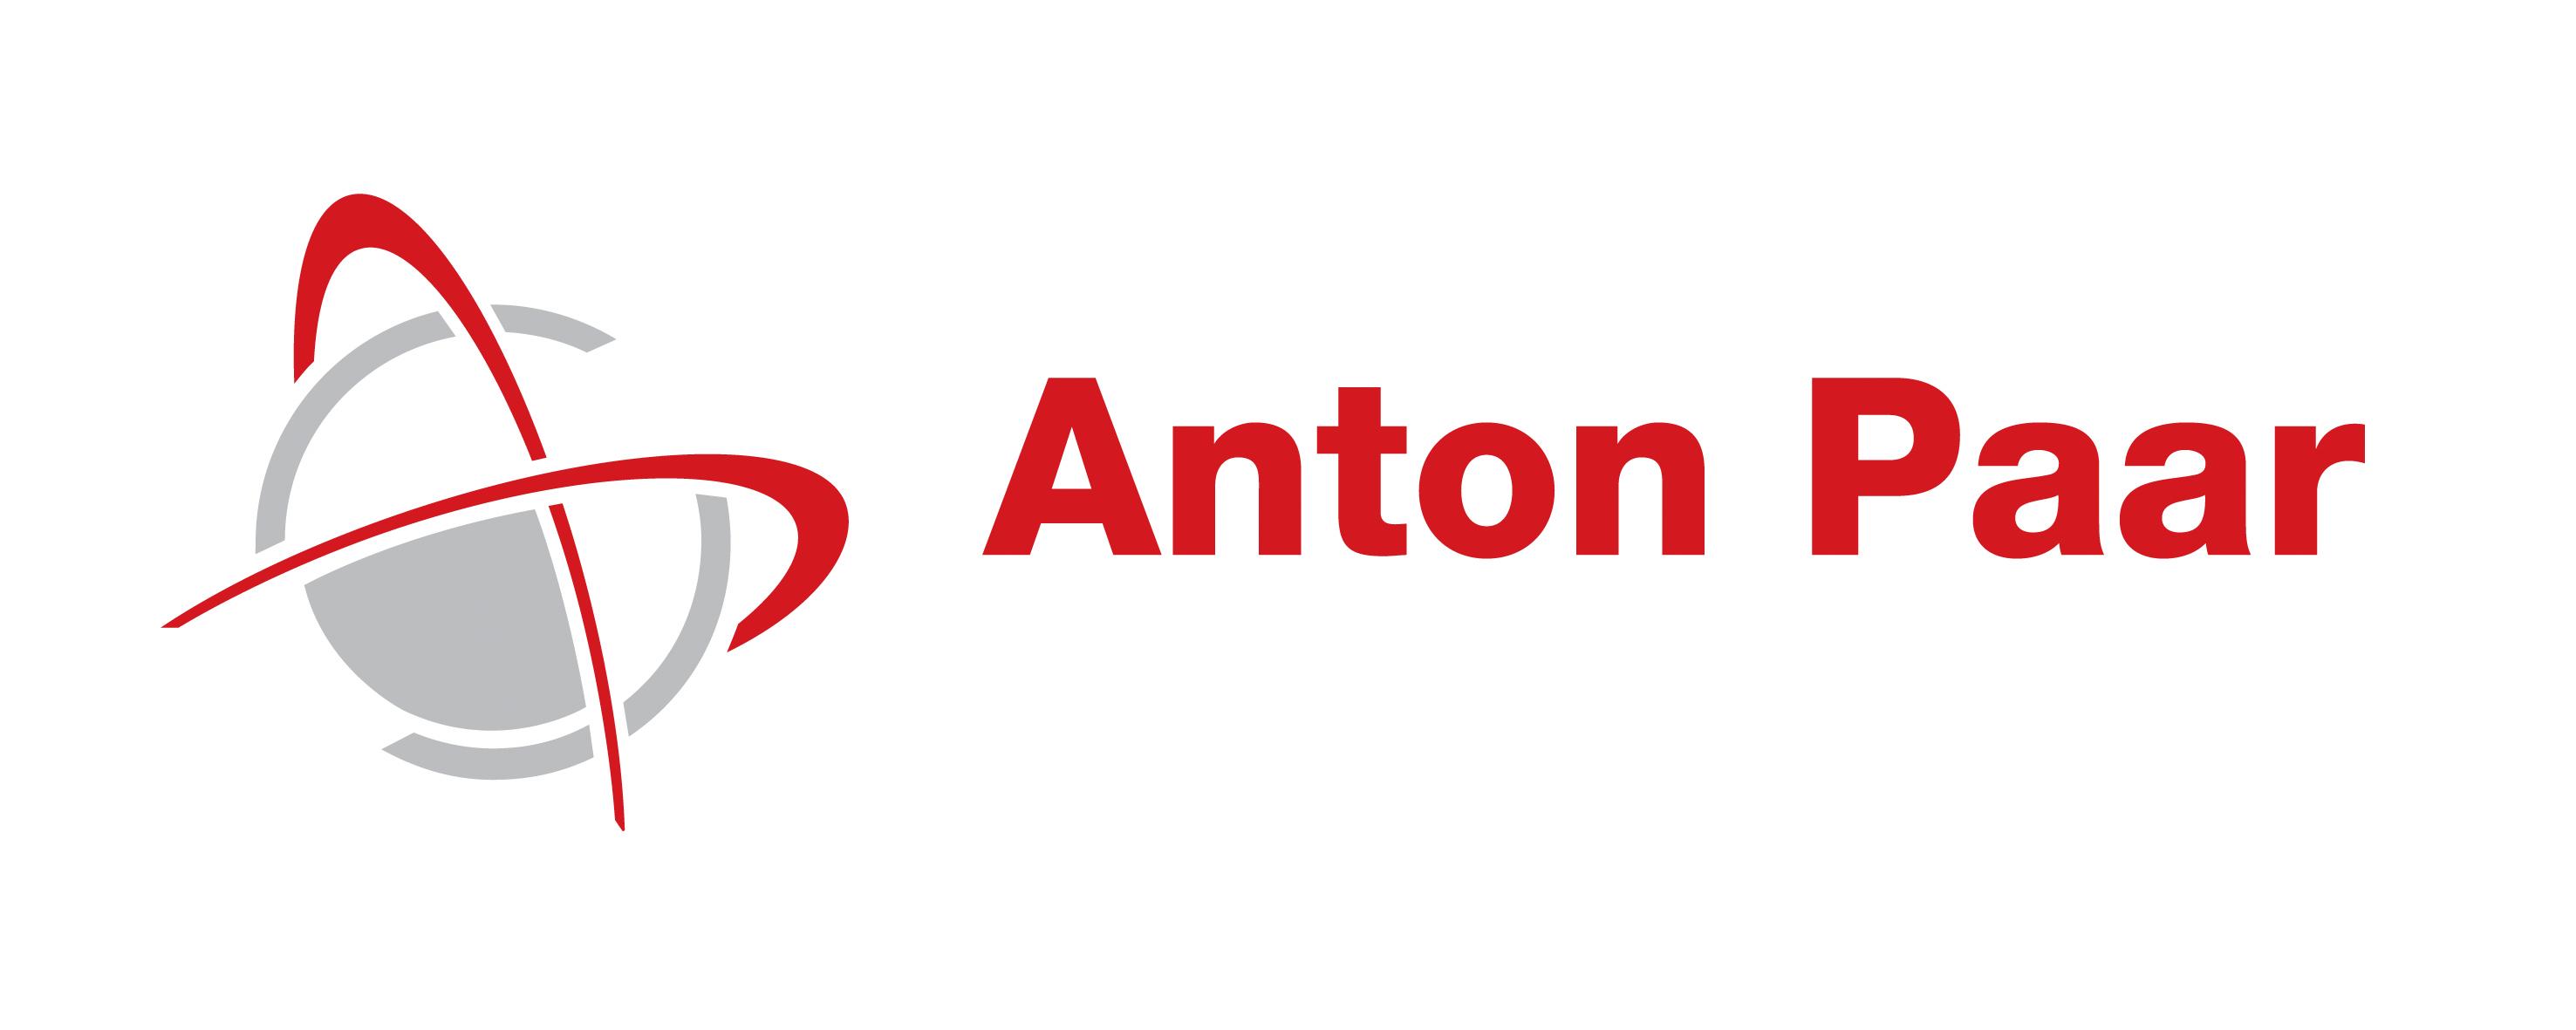 ANTON PAAR ÖLÇÜM ALETLERİ TİC. LTD. ŞTİ.